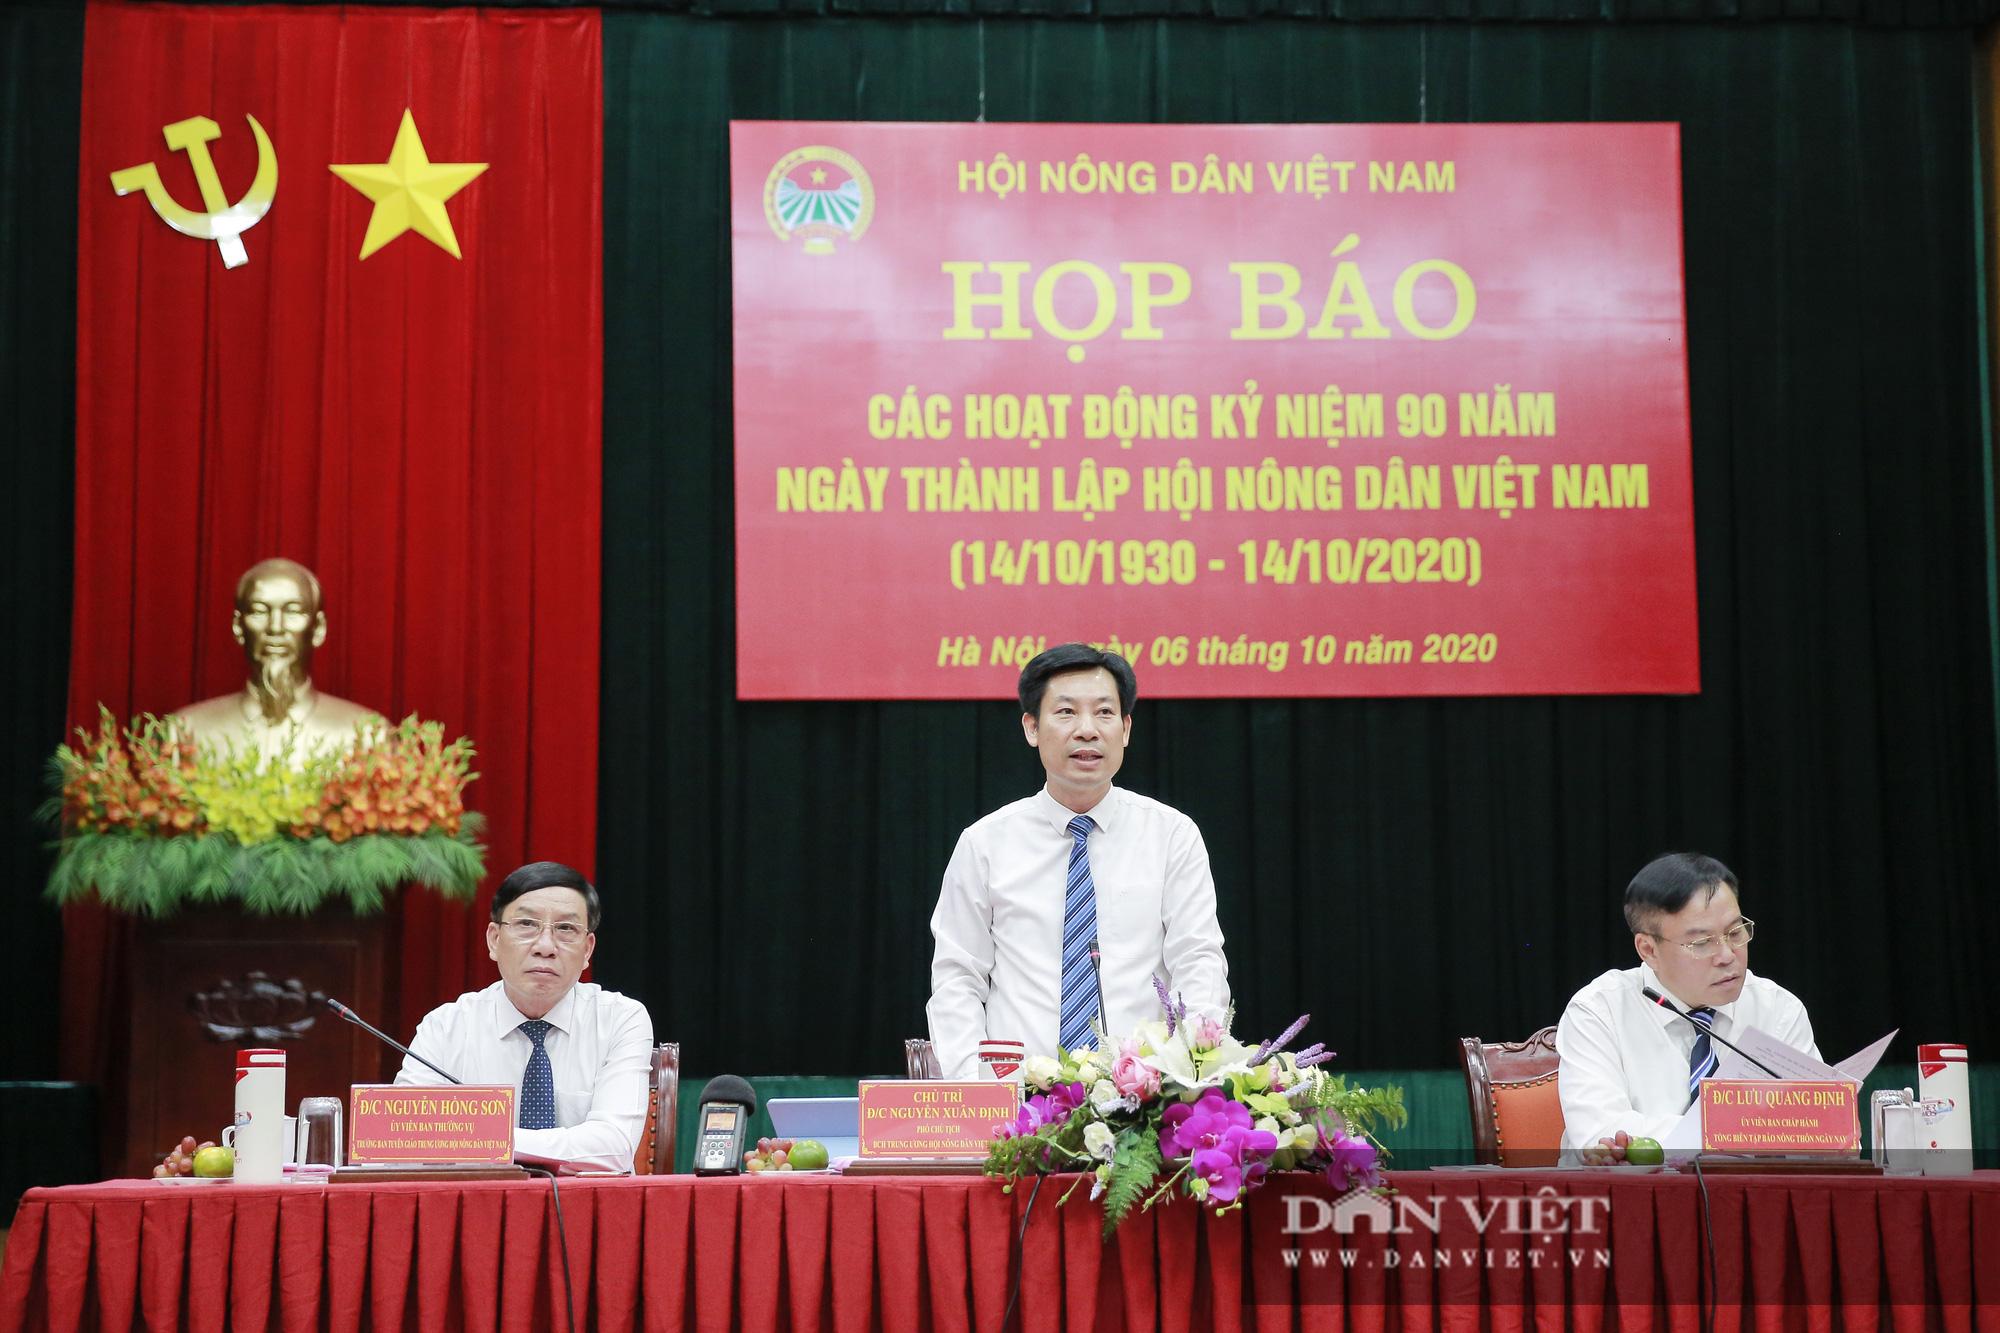 Toàn cảnh Họp báo kỷ niệm 90 năm Ngày thành lập Hội Nông dân Việt Nam - Ảnh 12.